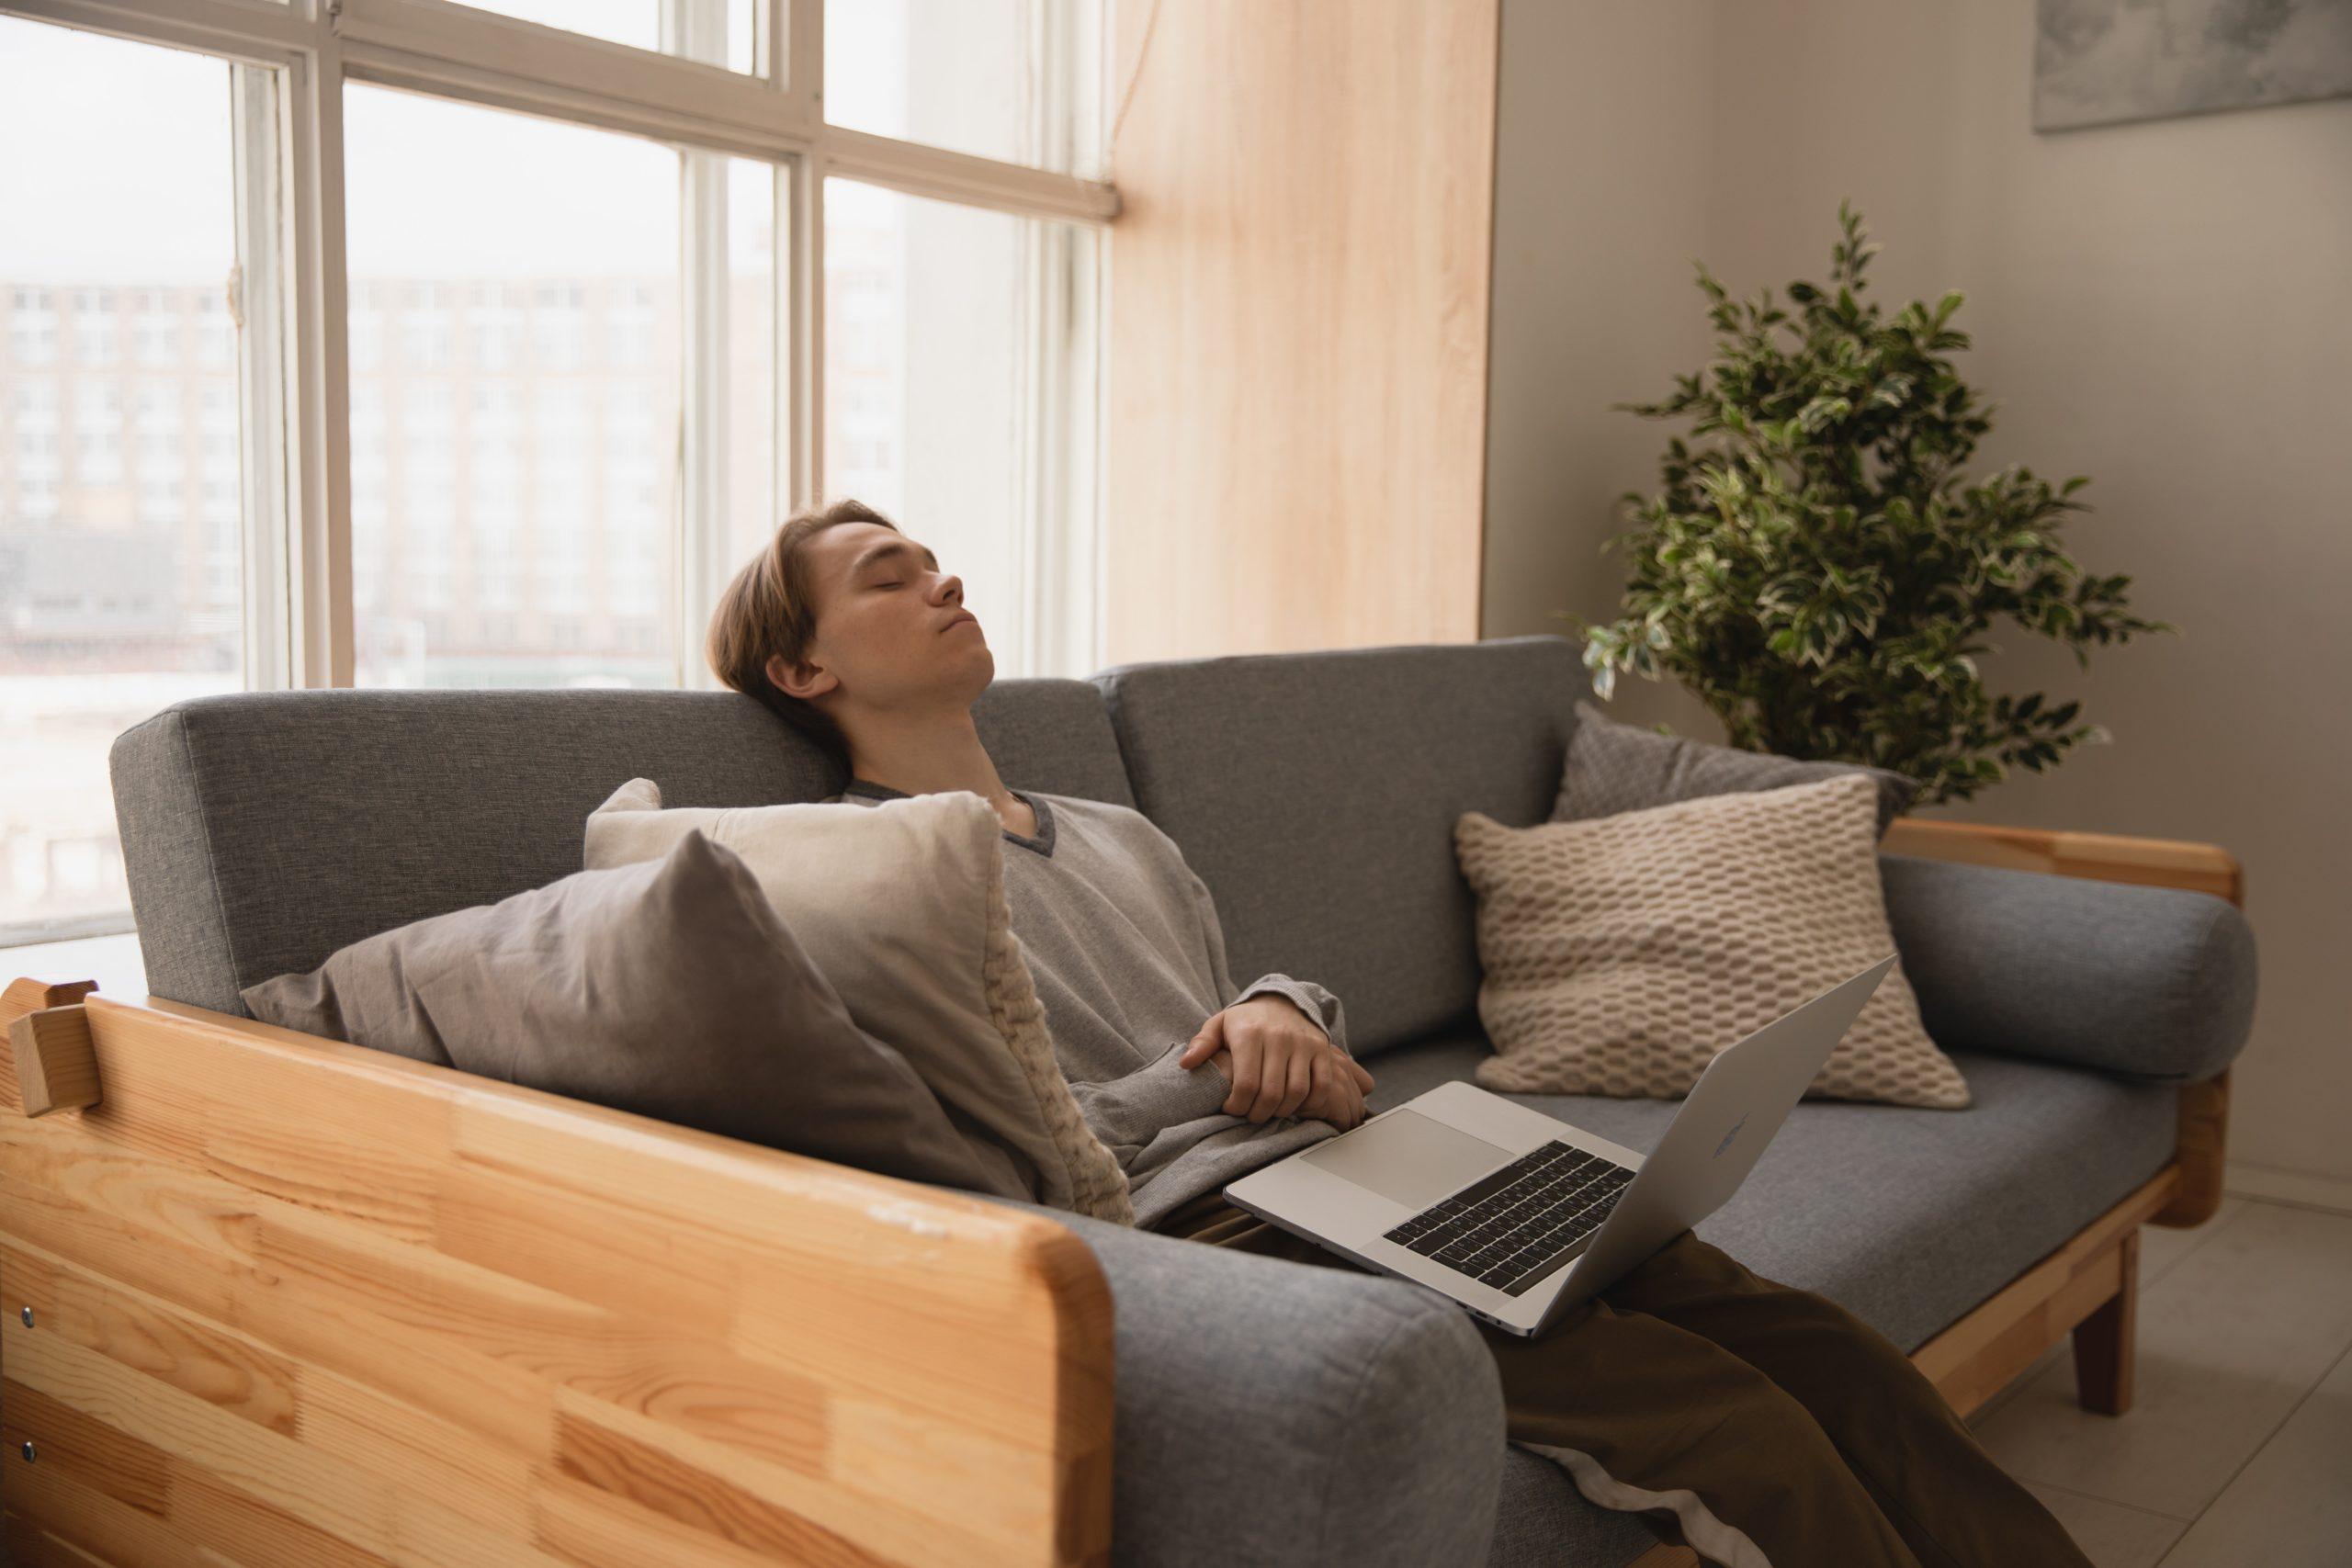 正しい昼寝は効果絶大【習慣にすれば午後のパフォーマンスがアップ】